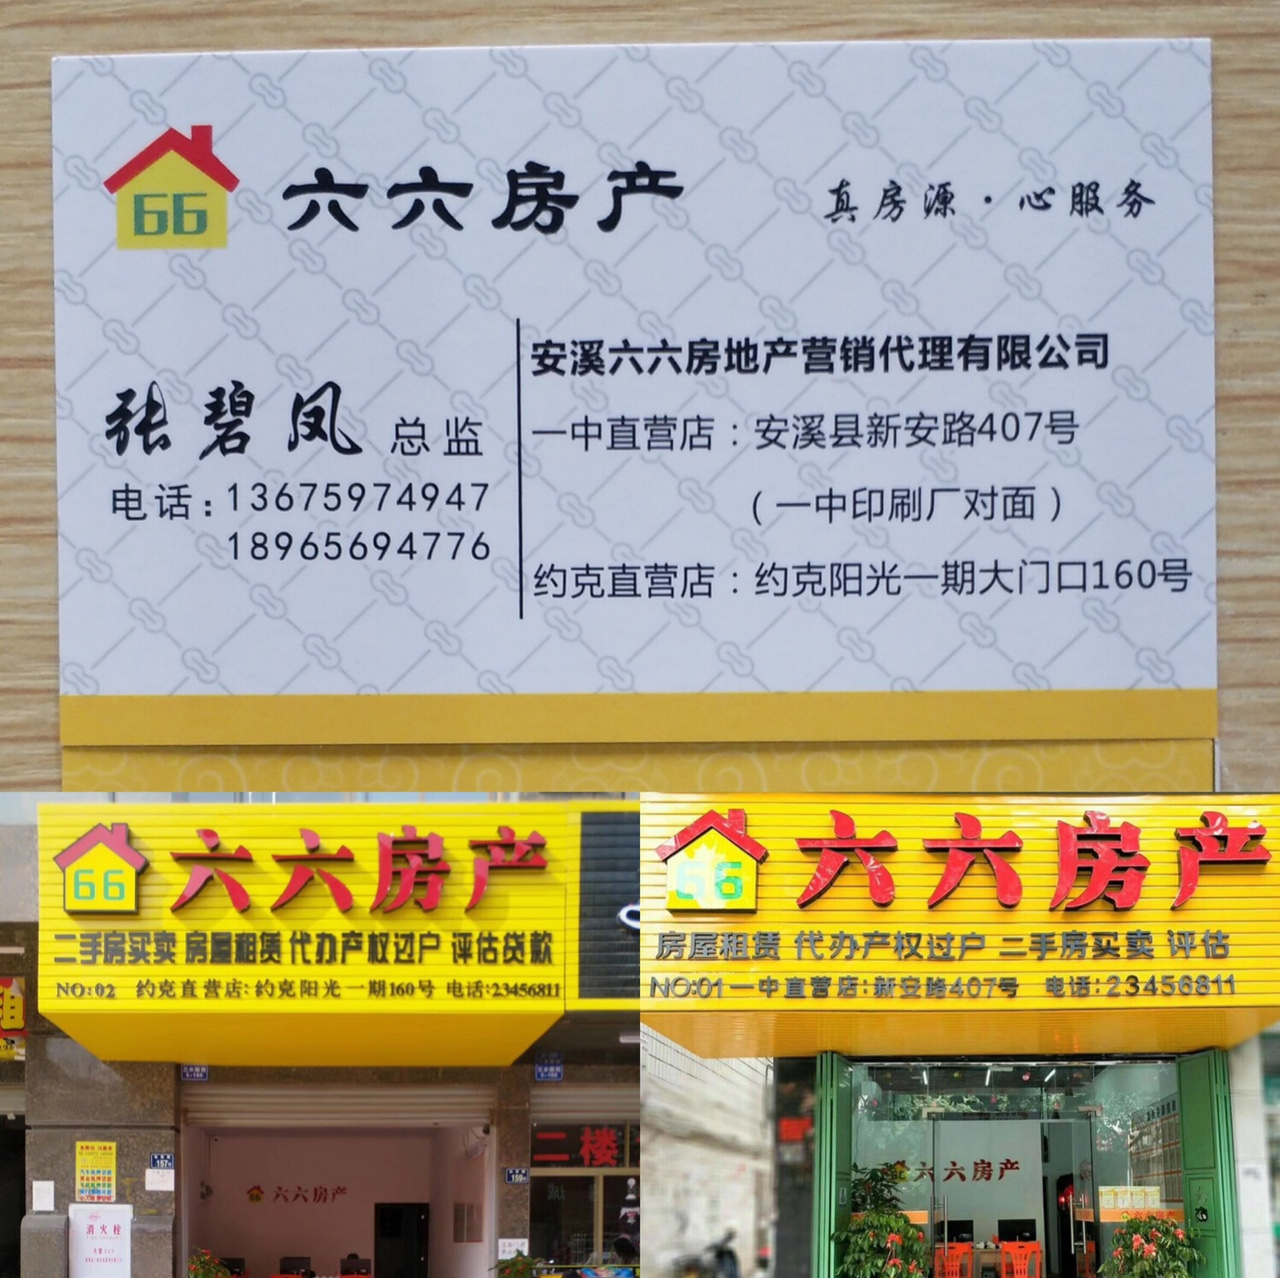 龍鳳都城一平方僅售5245